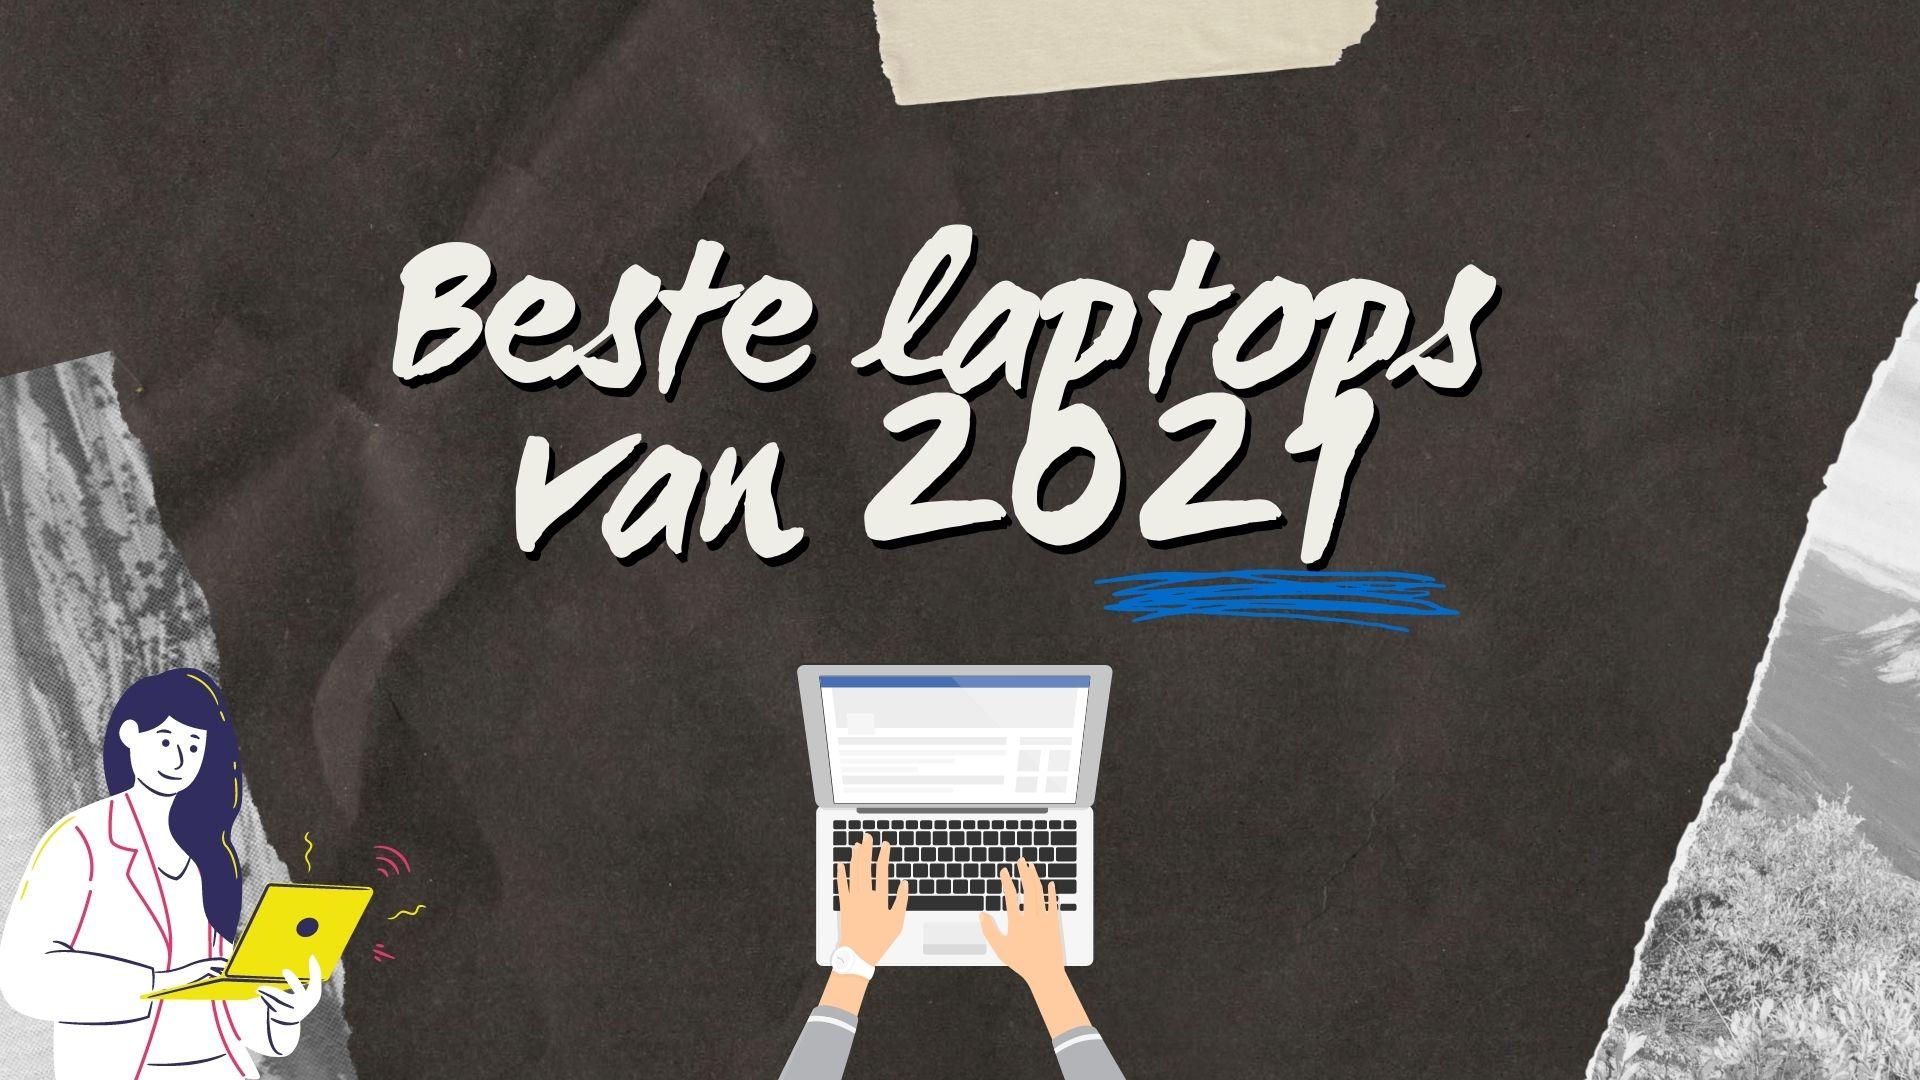 Beste laptops van 2021